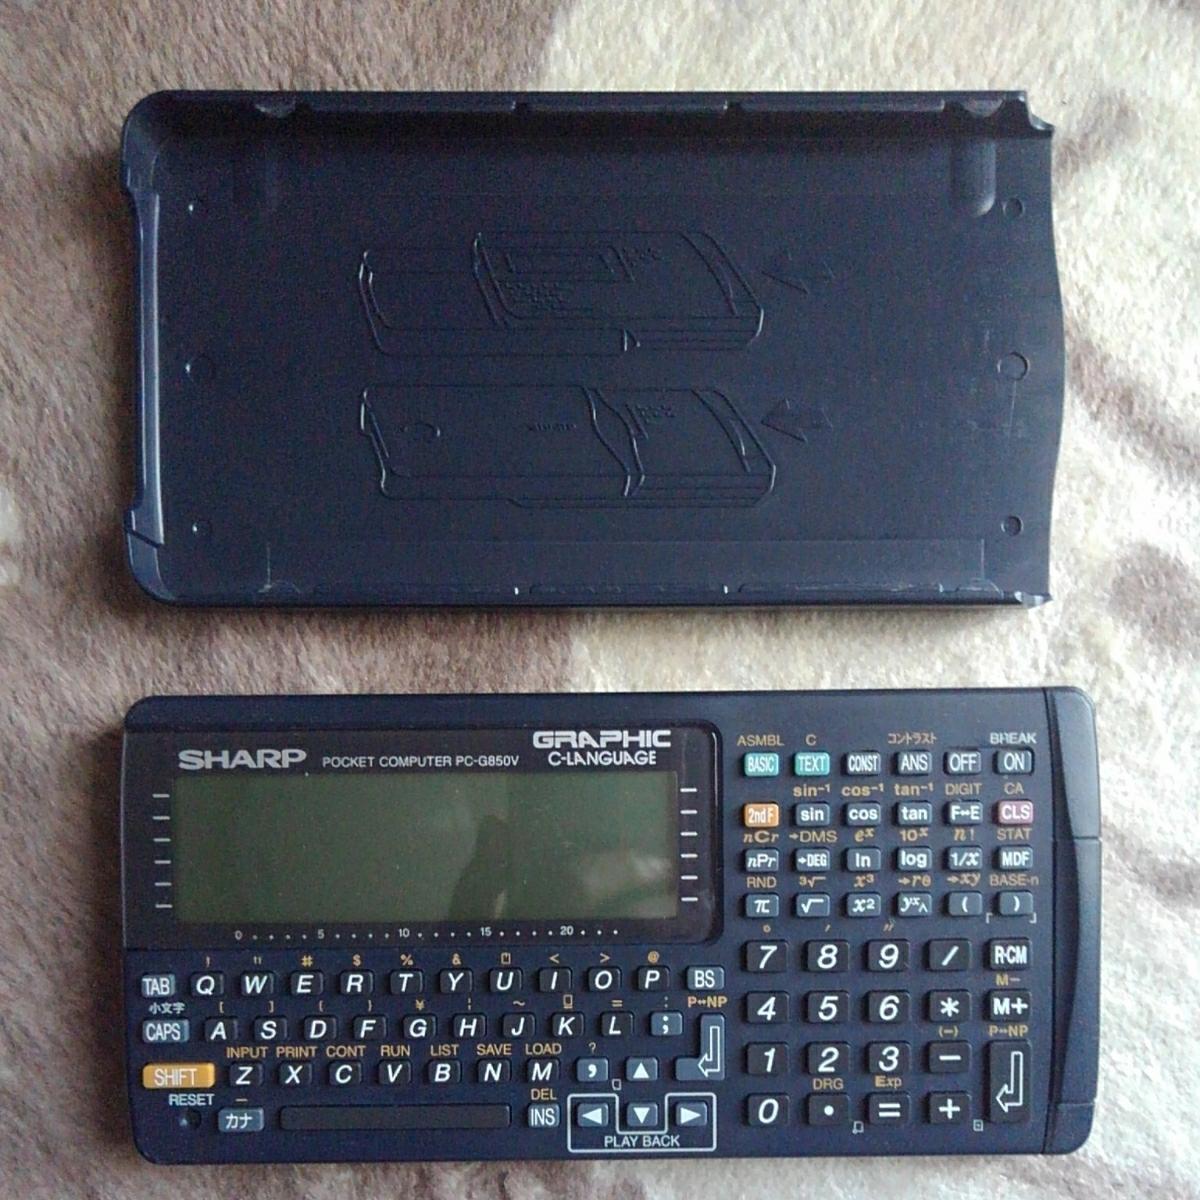 SHARP ポケットコンピューター ポケコン PC-G850V